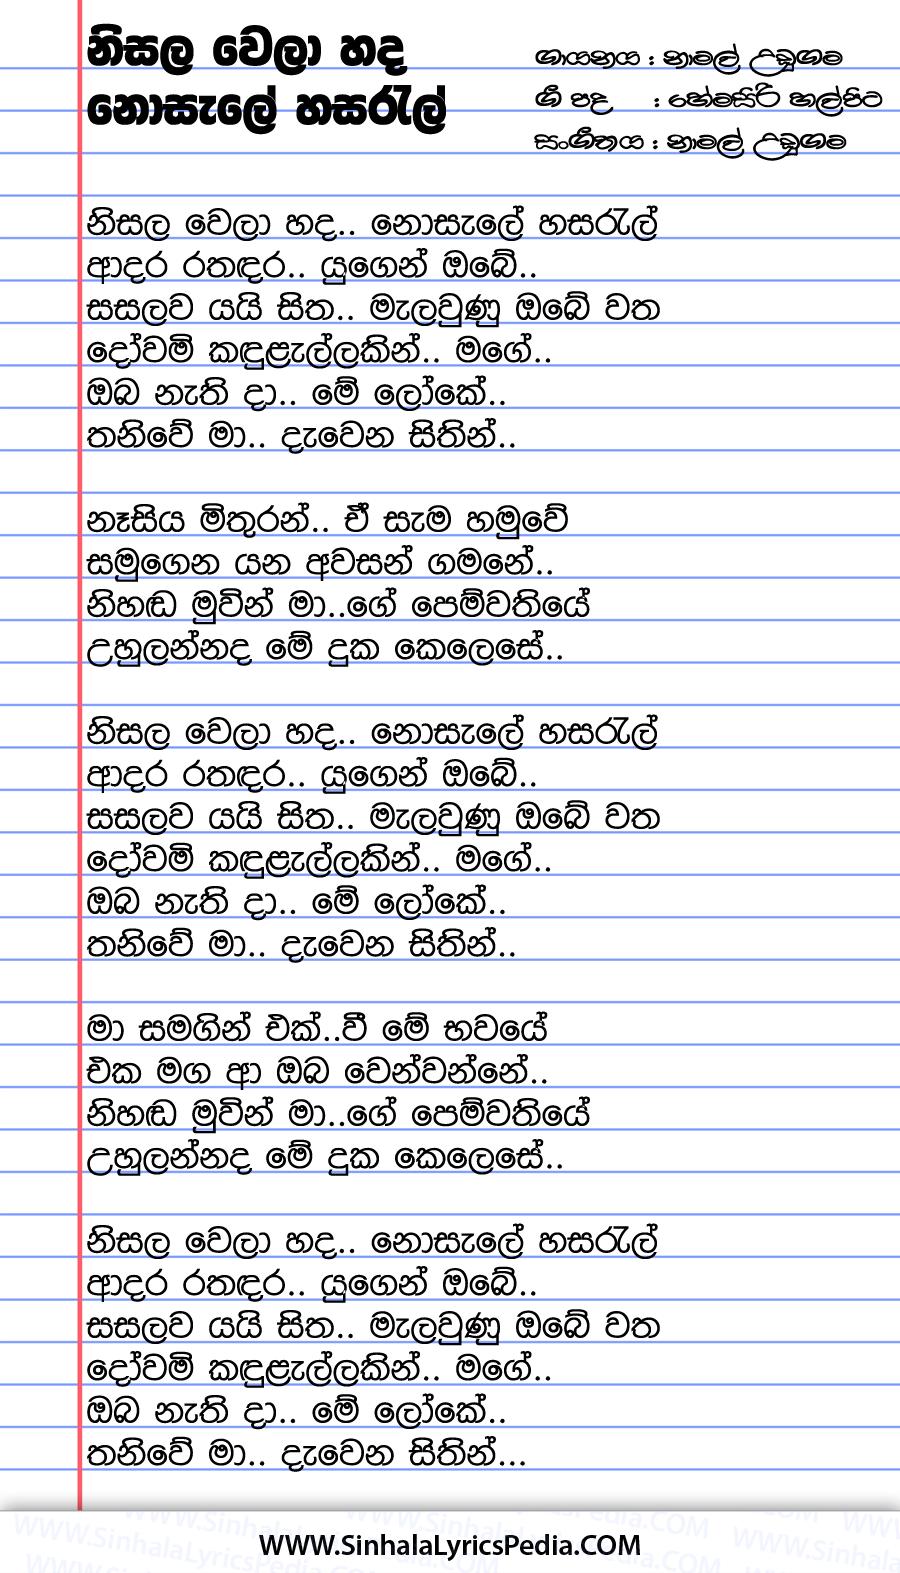 Nisala Wela Hada Nosale Hasarel Song Lyrics